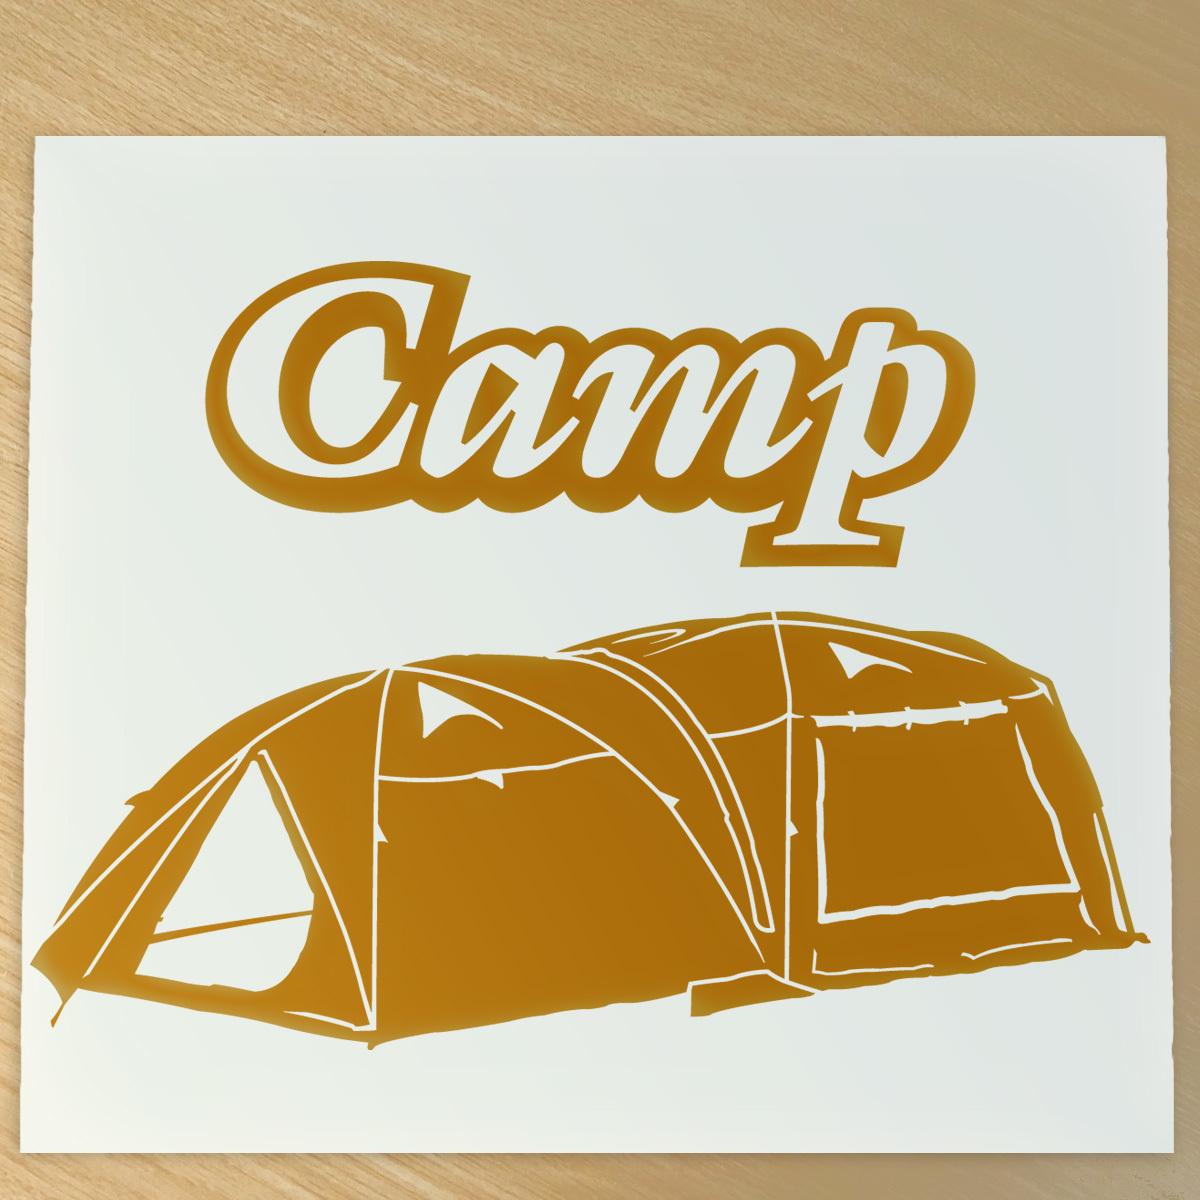 ●キャンプ キャンパー ステッカー テントイラスト ツールームドーム NO626E_画像2